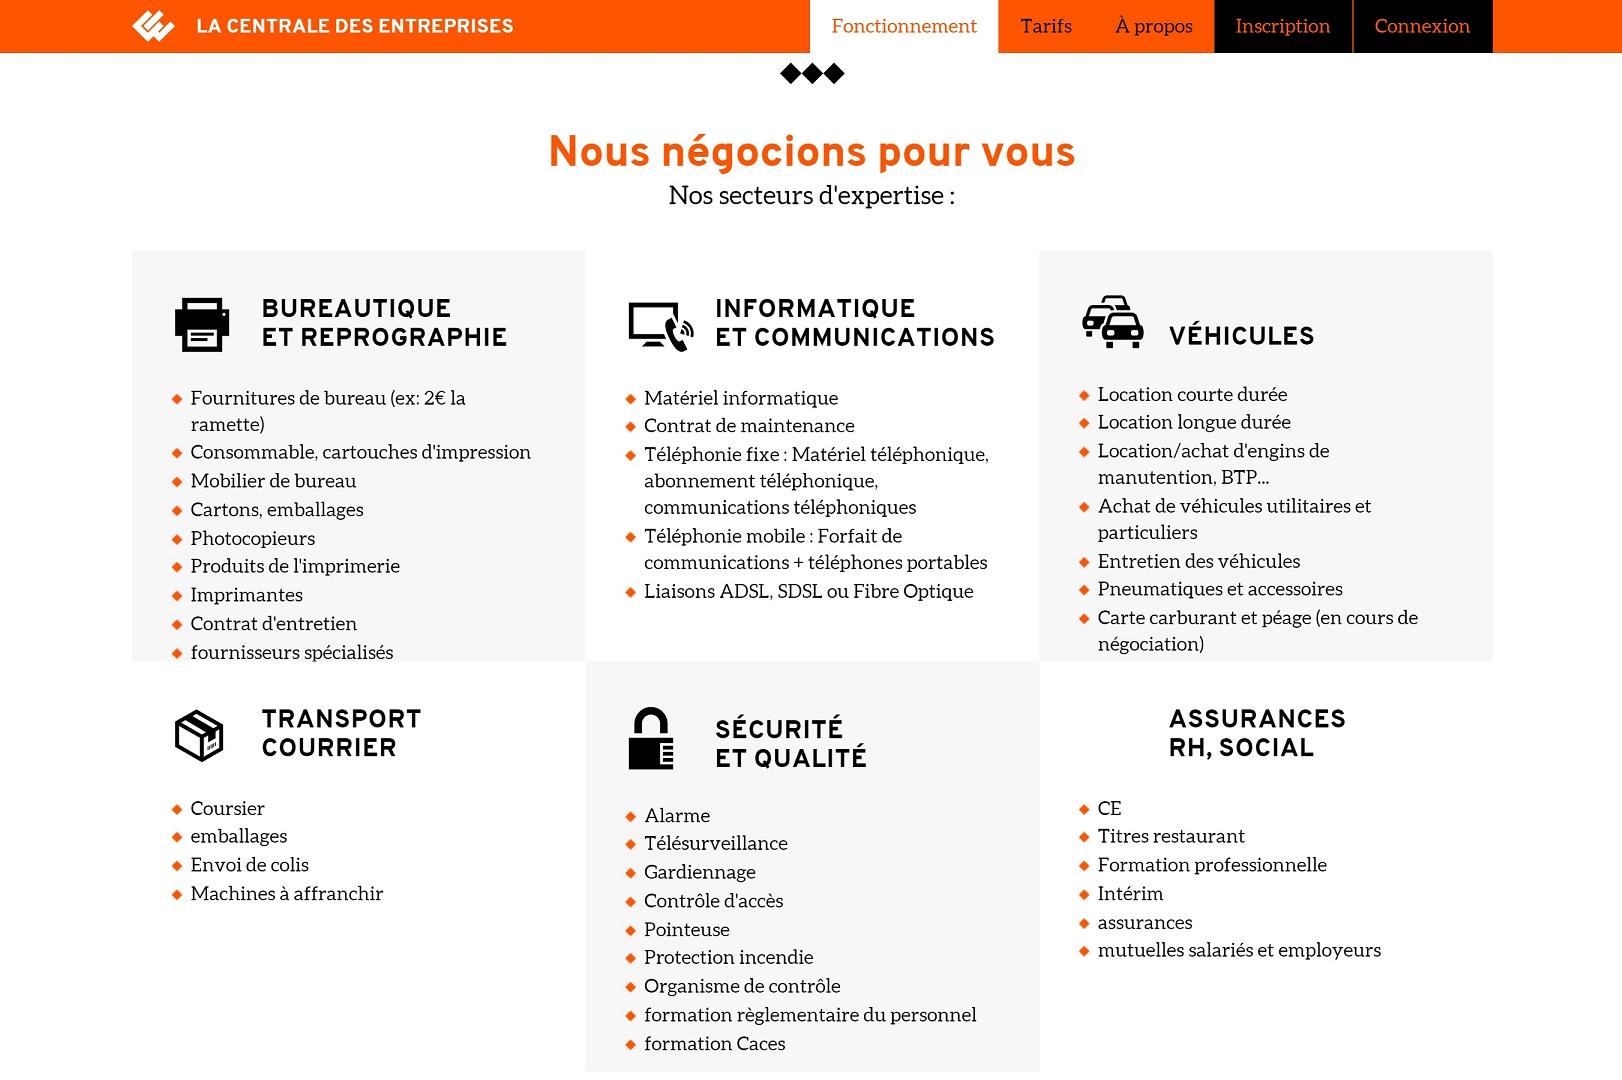 image centrale des entreprises